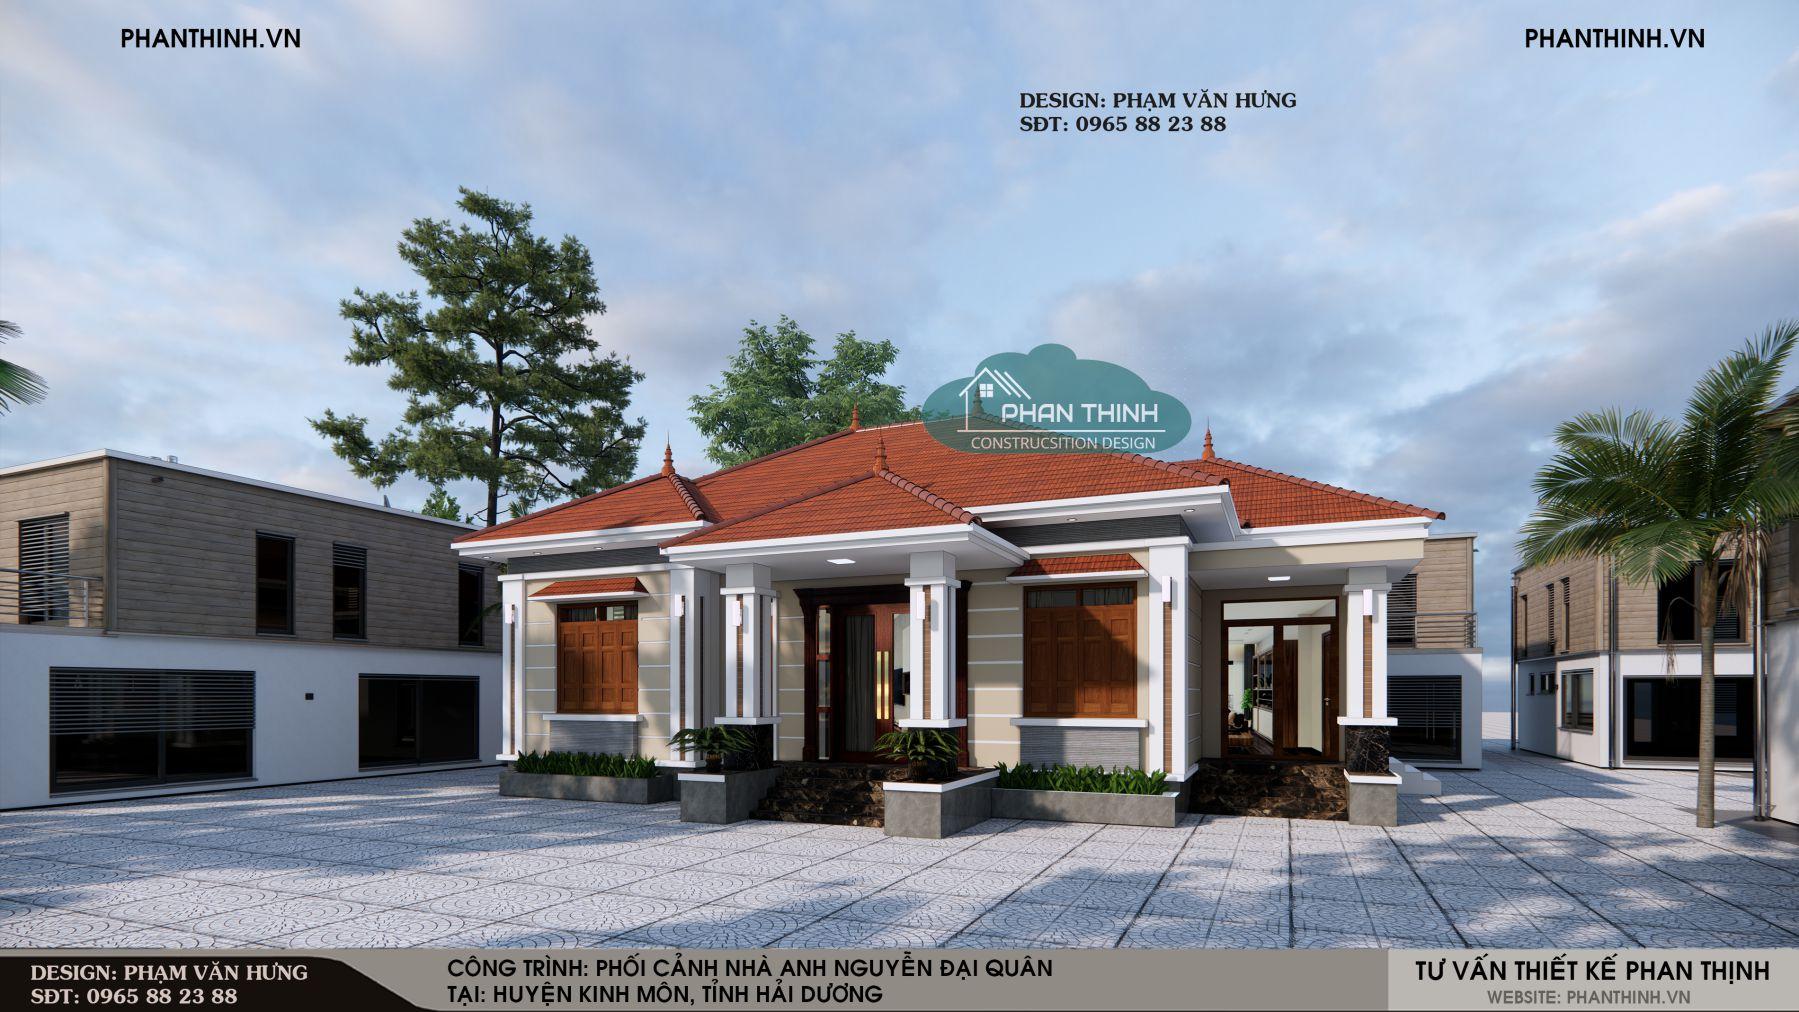 Hình ảnh mặt tiền mẫu nhà một tầng mái thái, thiết kế nhà đẹp ở Hải Dương